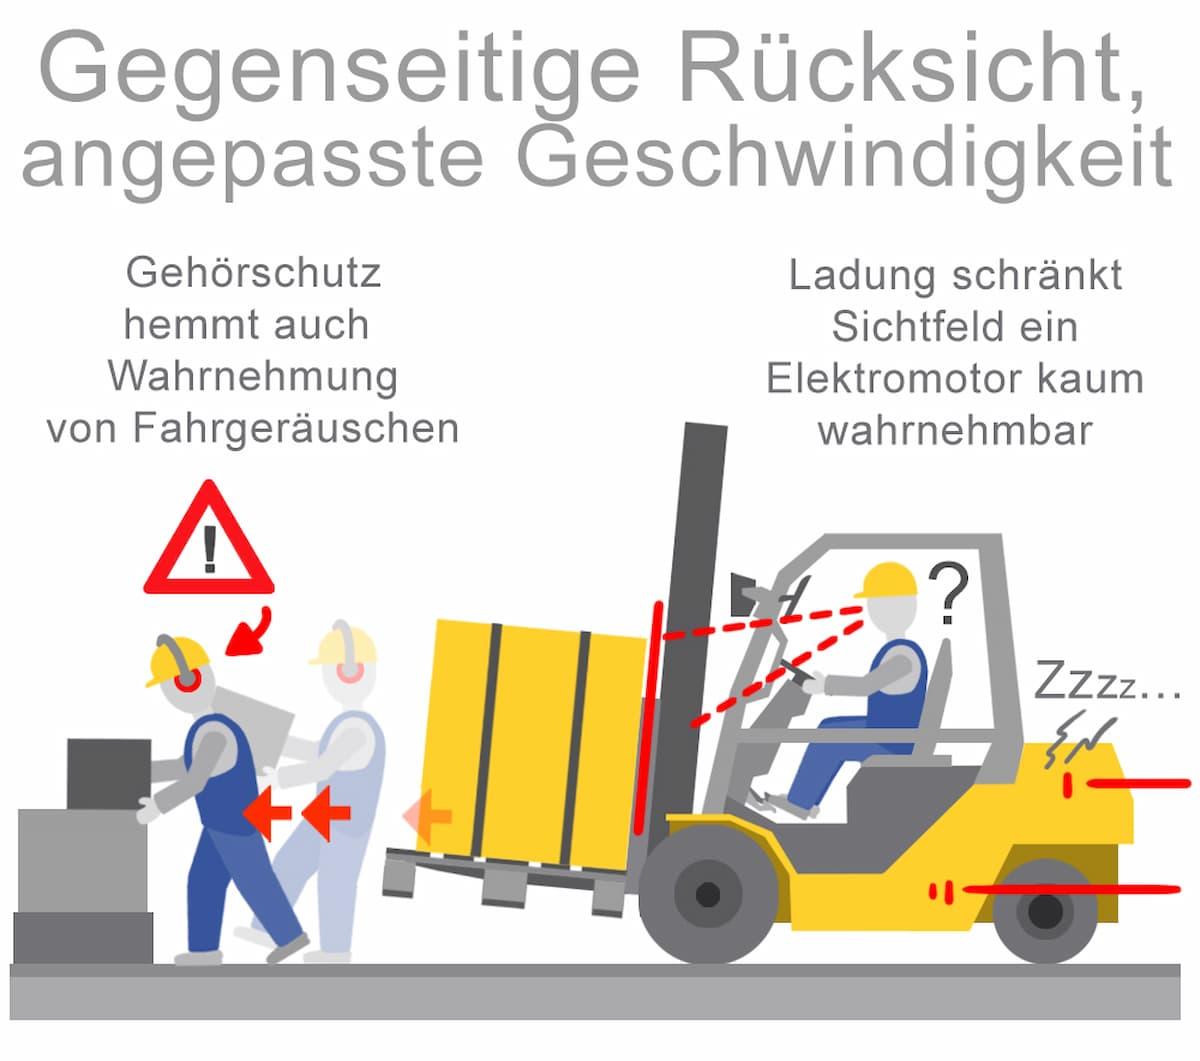 Wichtig: Gegenseitige Rücksichtnahme und angepasste Geschwindigkeit beim Stapler fahren